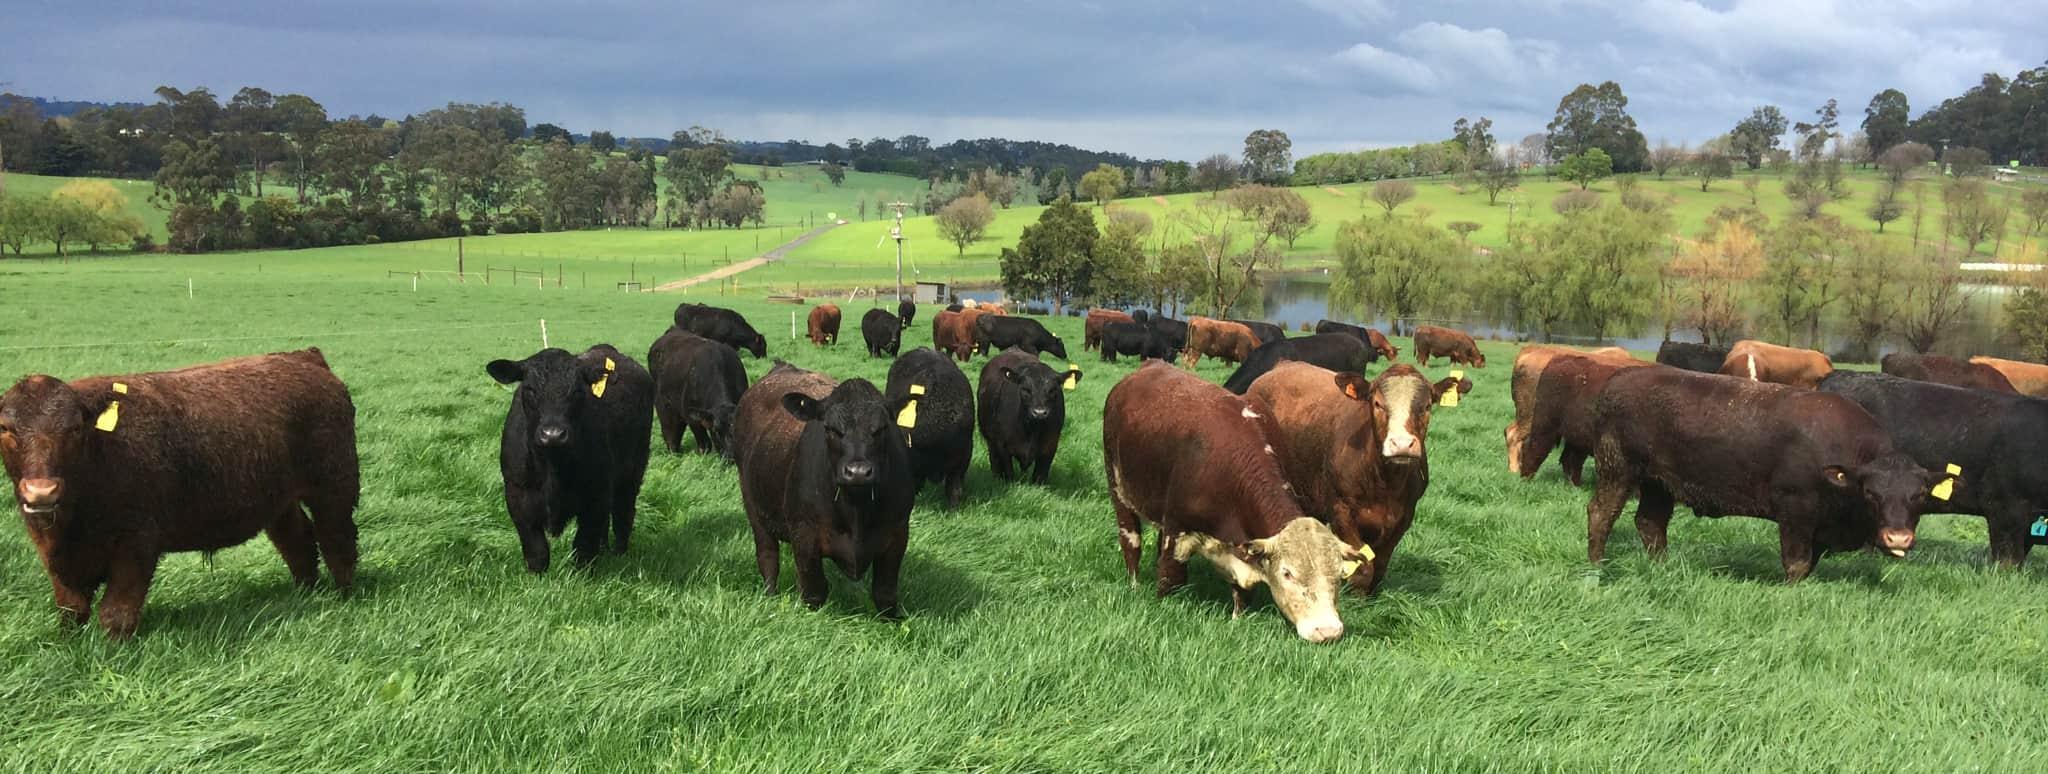 Steers at Lardner Park